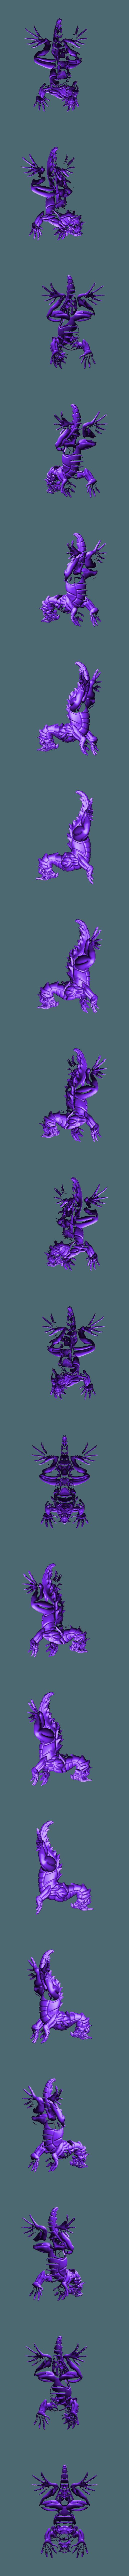 Nightmare_dragon_.stl Télécharger fichier STL gratuit Dragon du cauchemar • Objet pour imprimante 3D, Shinokez